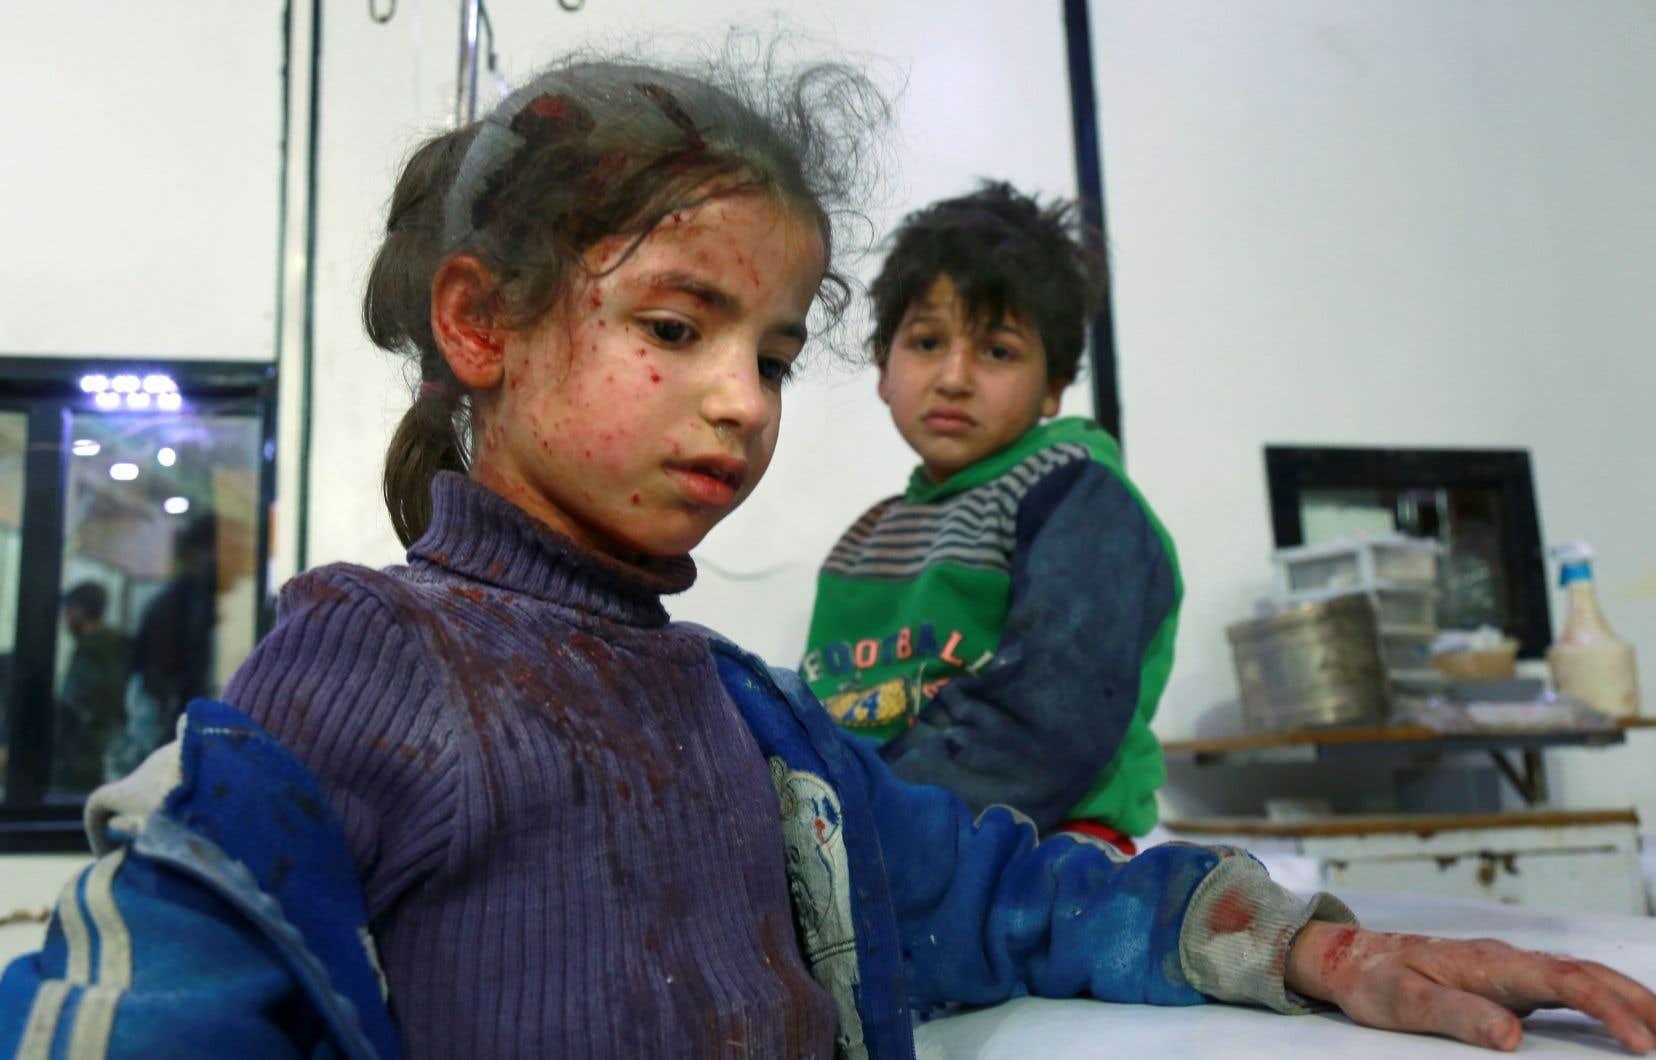 Dans la Ghouta orientale, les mêmes scènes tragiques se répètent au quotidien depuis début février : des enfants au visage piqueté de blessures, des hommes à la tête et aux jambes bandées, allongés sur des lits d'hôpitaux bondés.